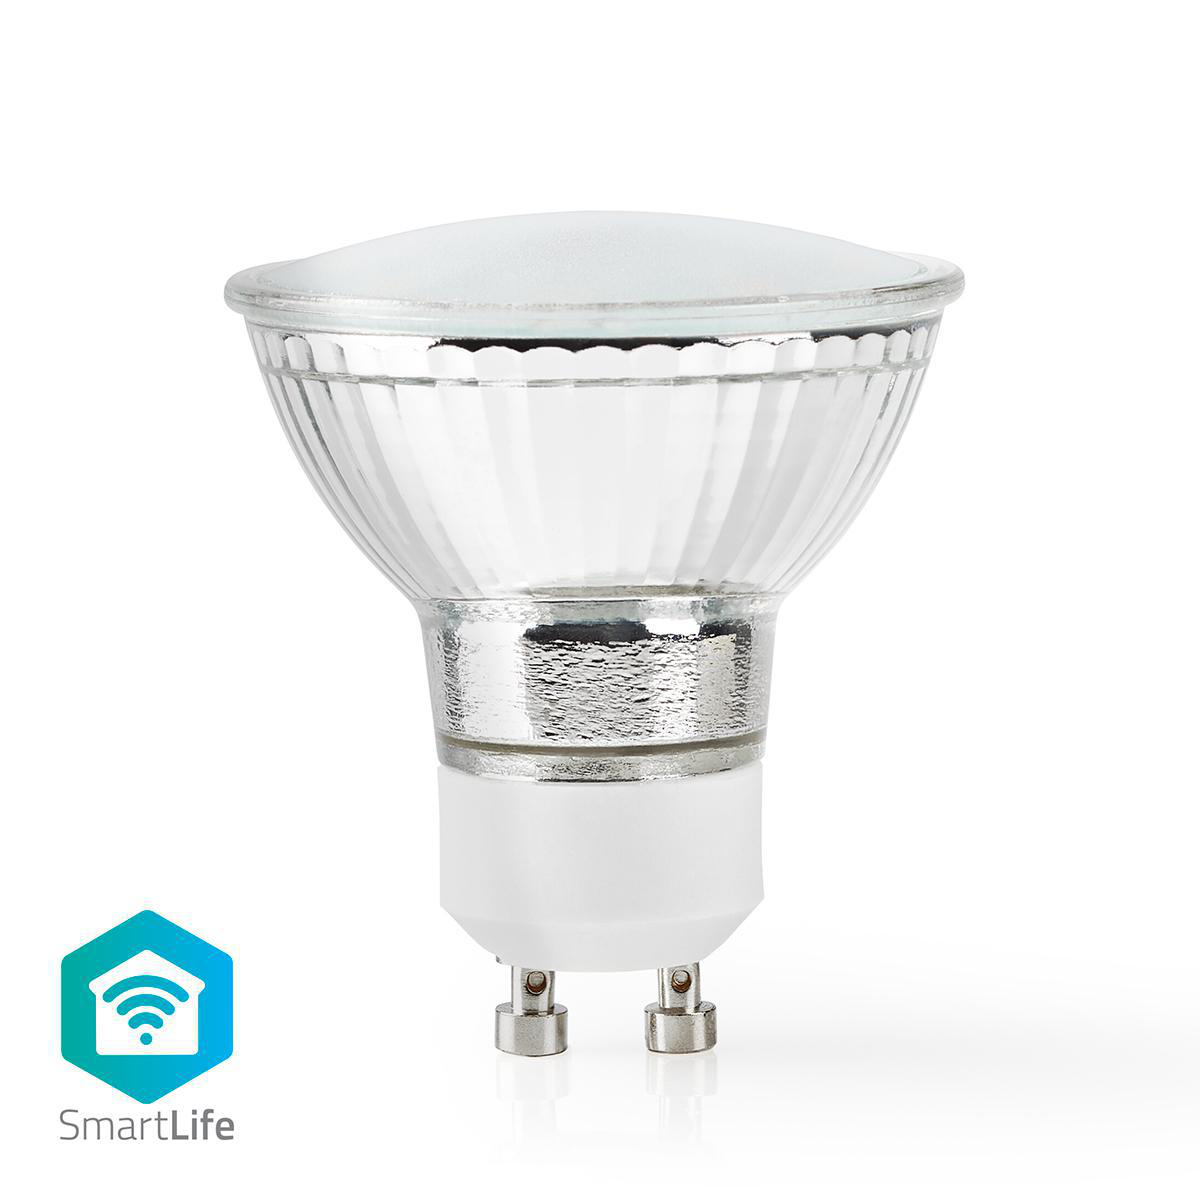 Slimme Wi-Fi Led Lamp helder glas 4,5 Watt 2700K warm wit - vooraanzicht spot